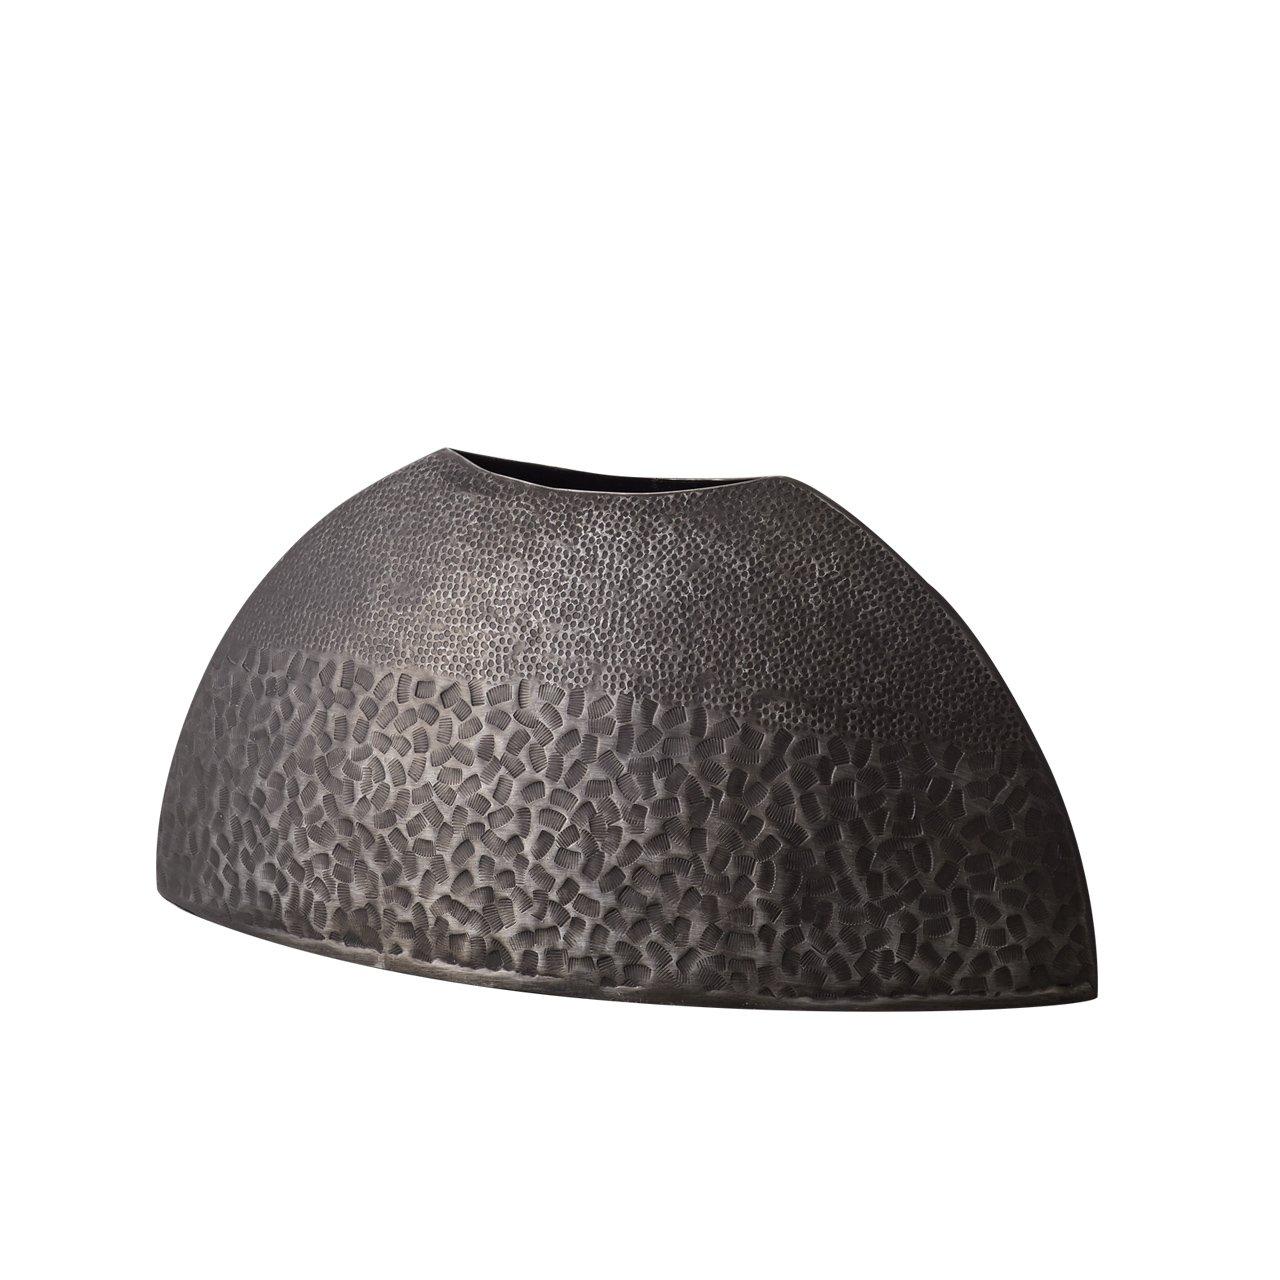 Clay 花器 フォセットマウントL #ブラック CC570788-802 B07BB2XS1R Large  Large